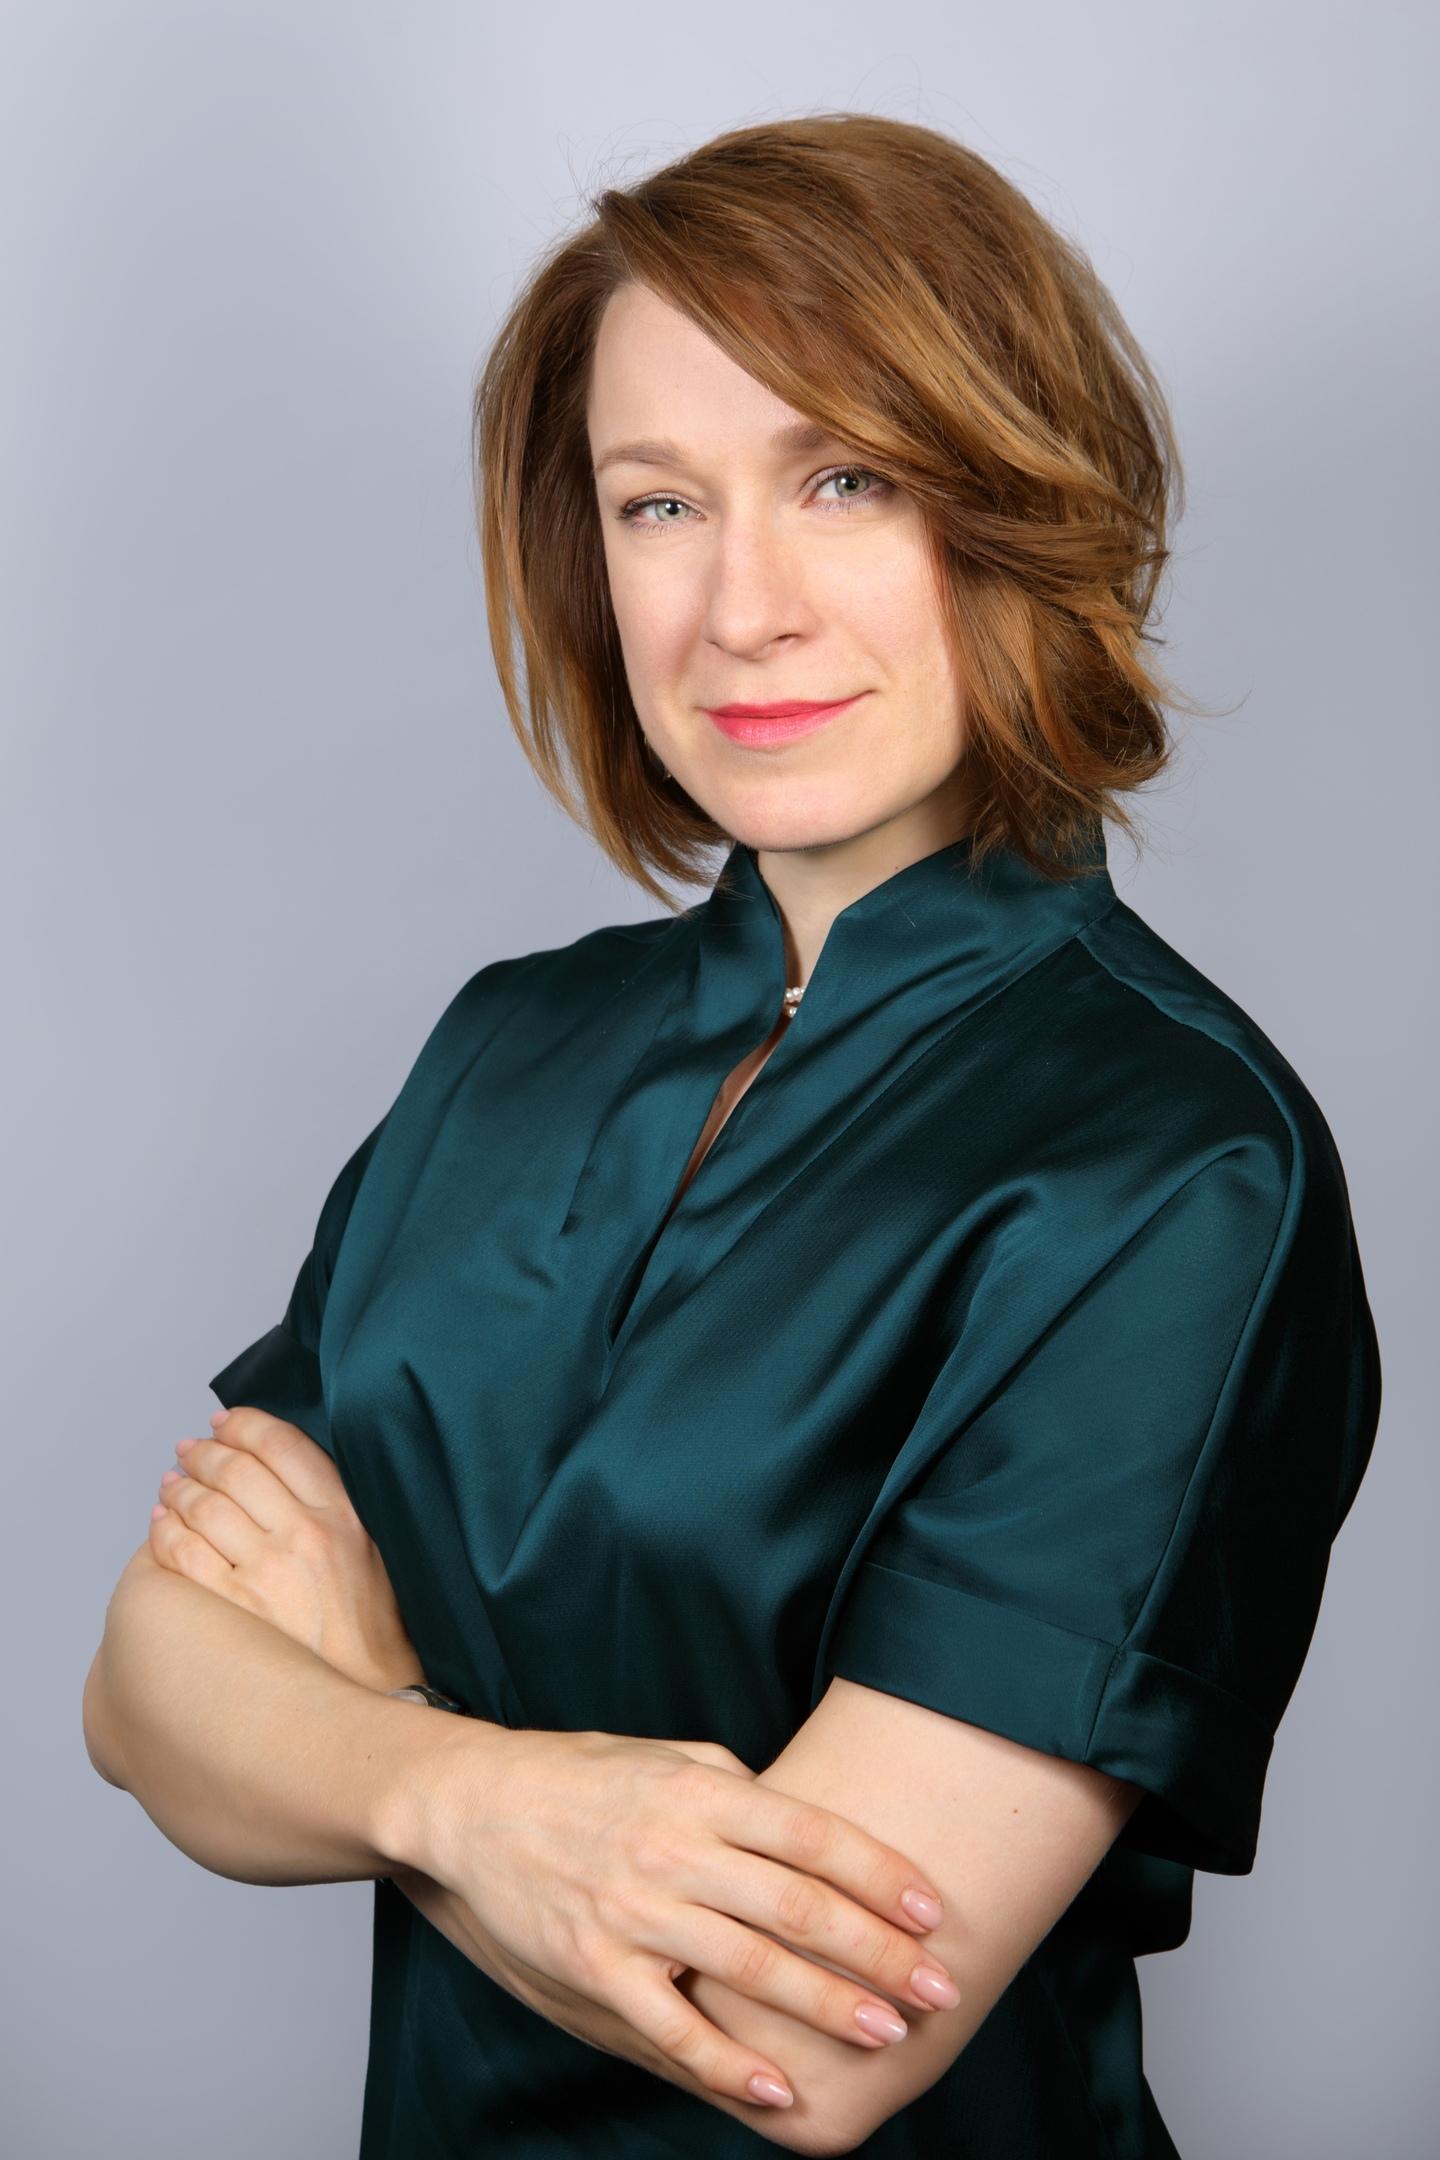 Елена Мариничева - вице-президент Moscow Sotheby's International Realty